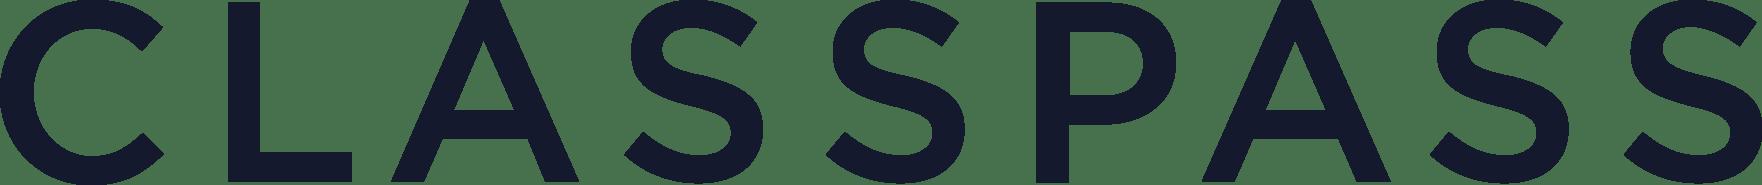 classpass_logo